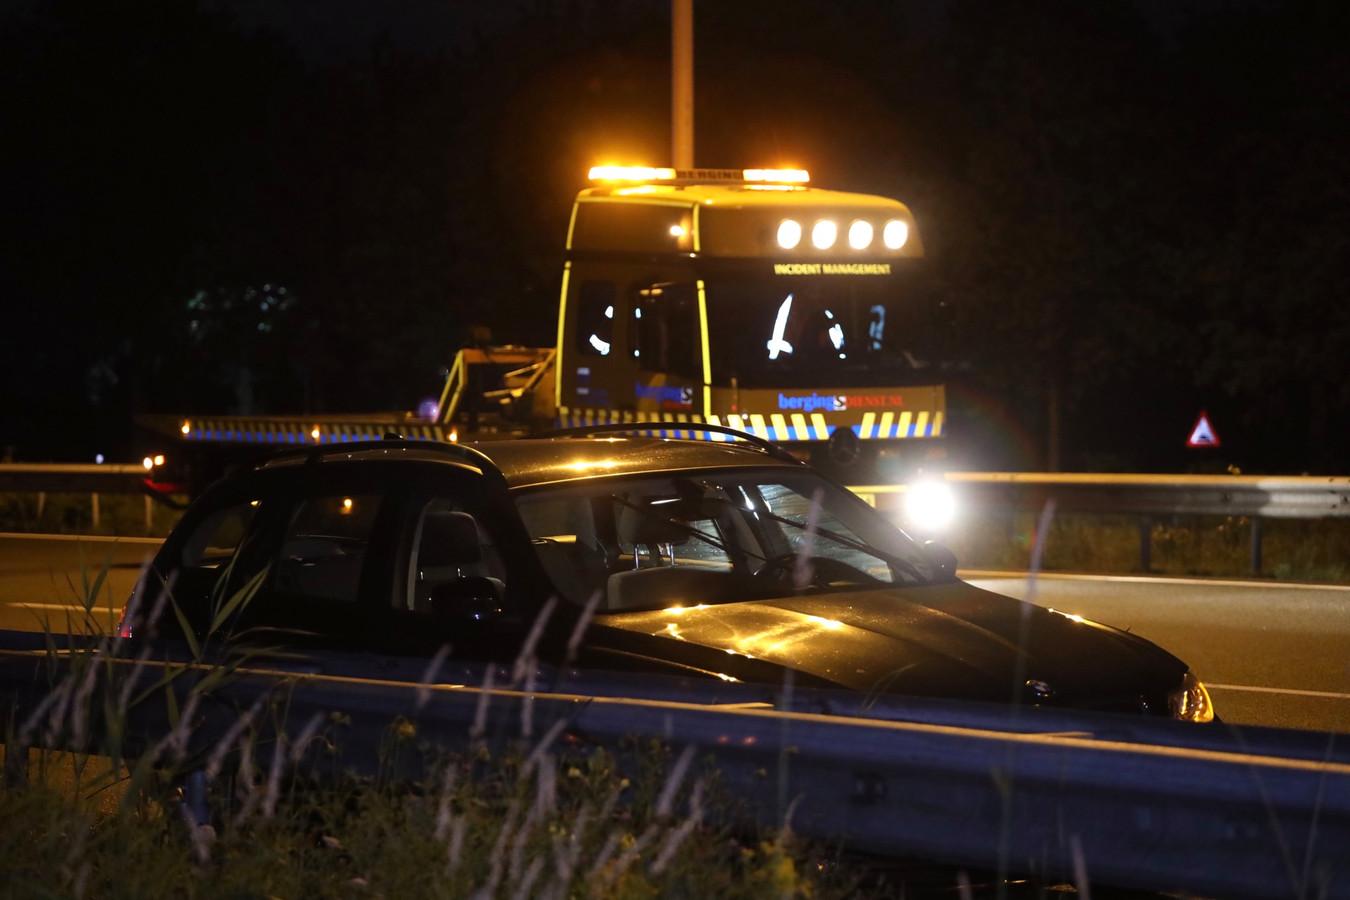 Het ongeluk gebeurde op de A2 tussen Vught en Boxtel.